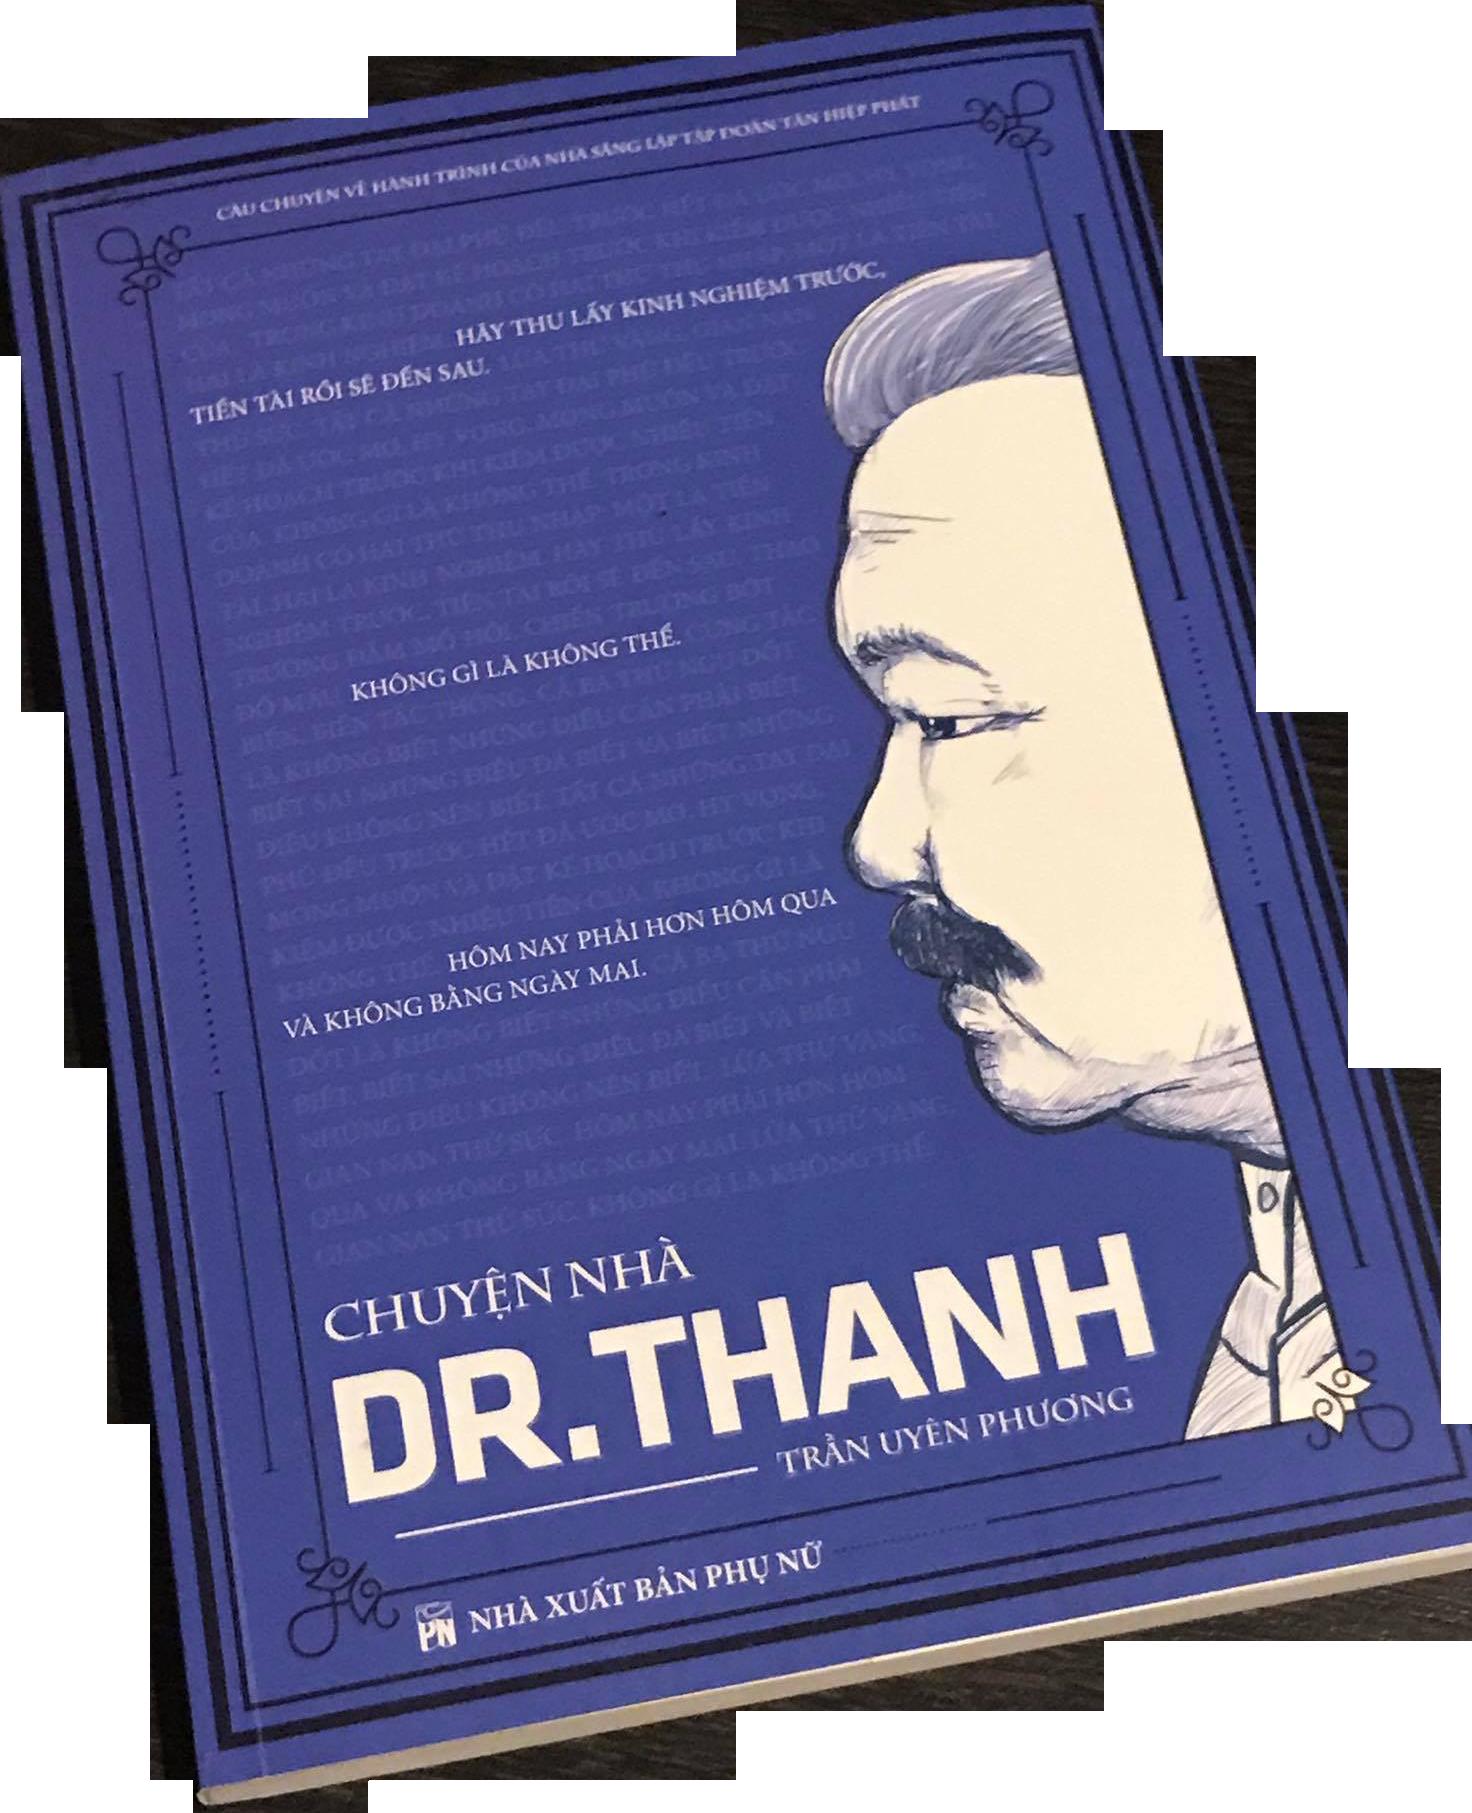 drthanh2